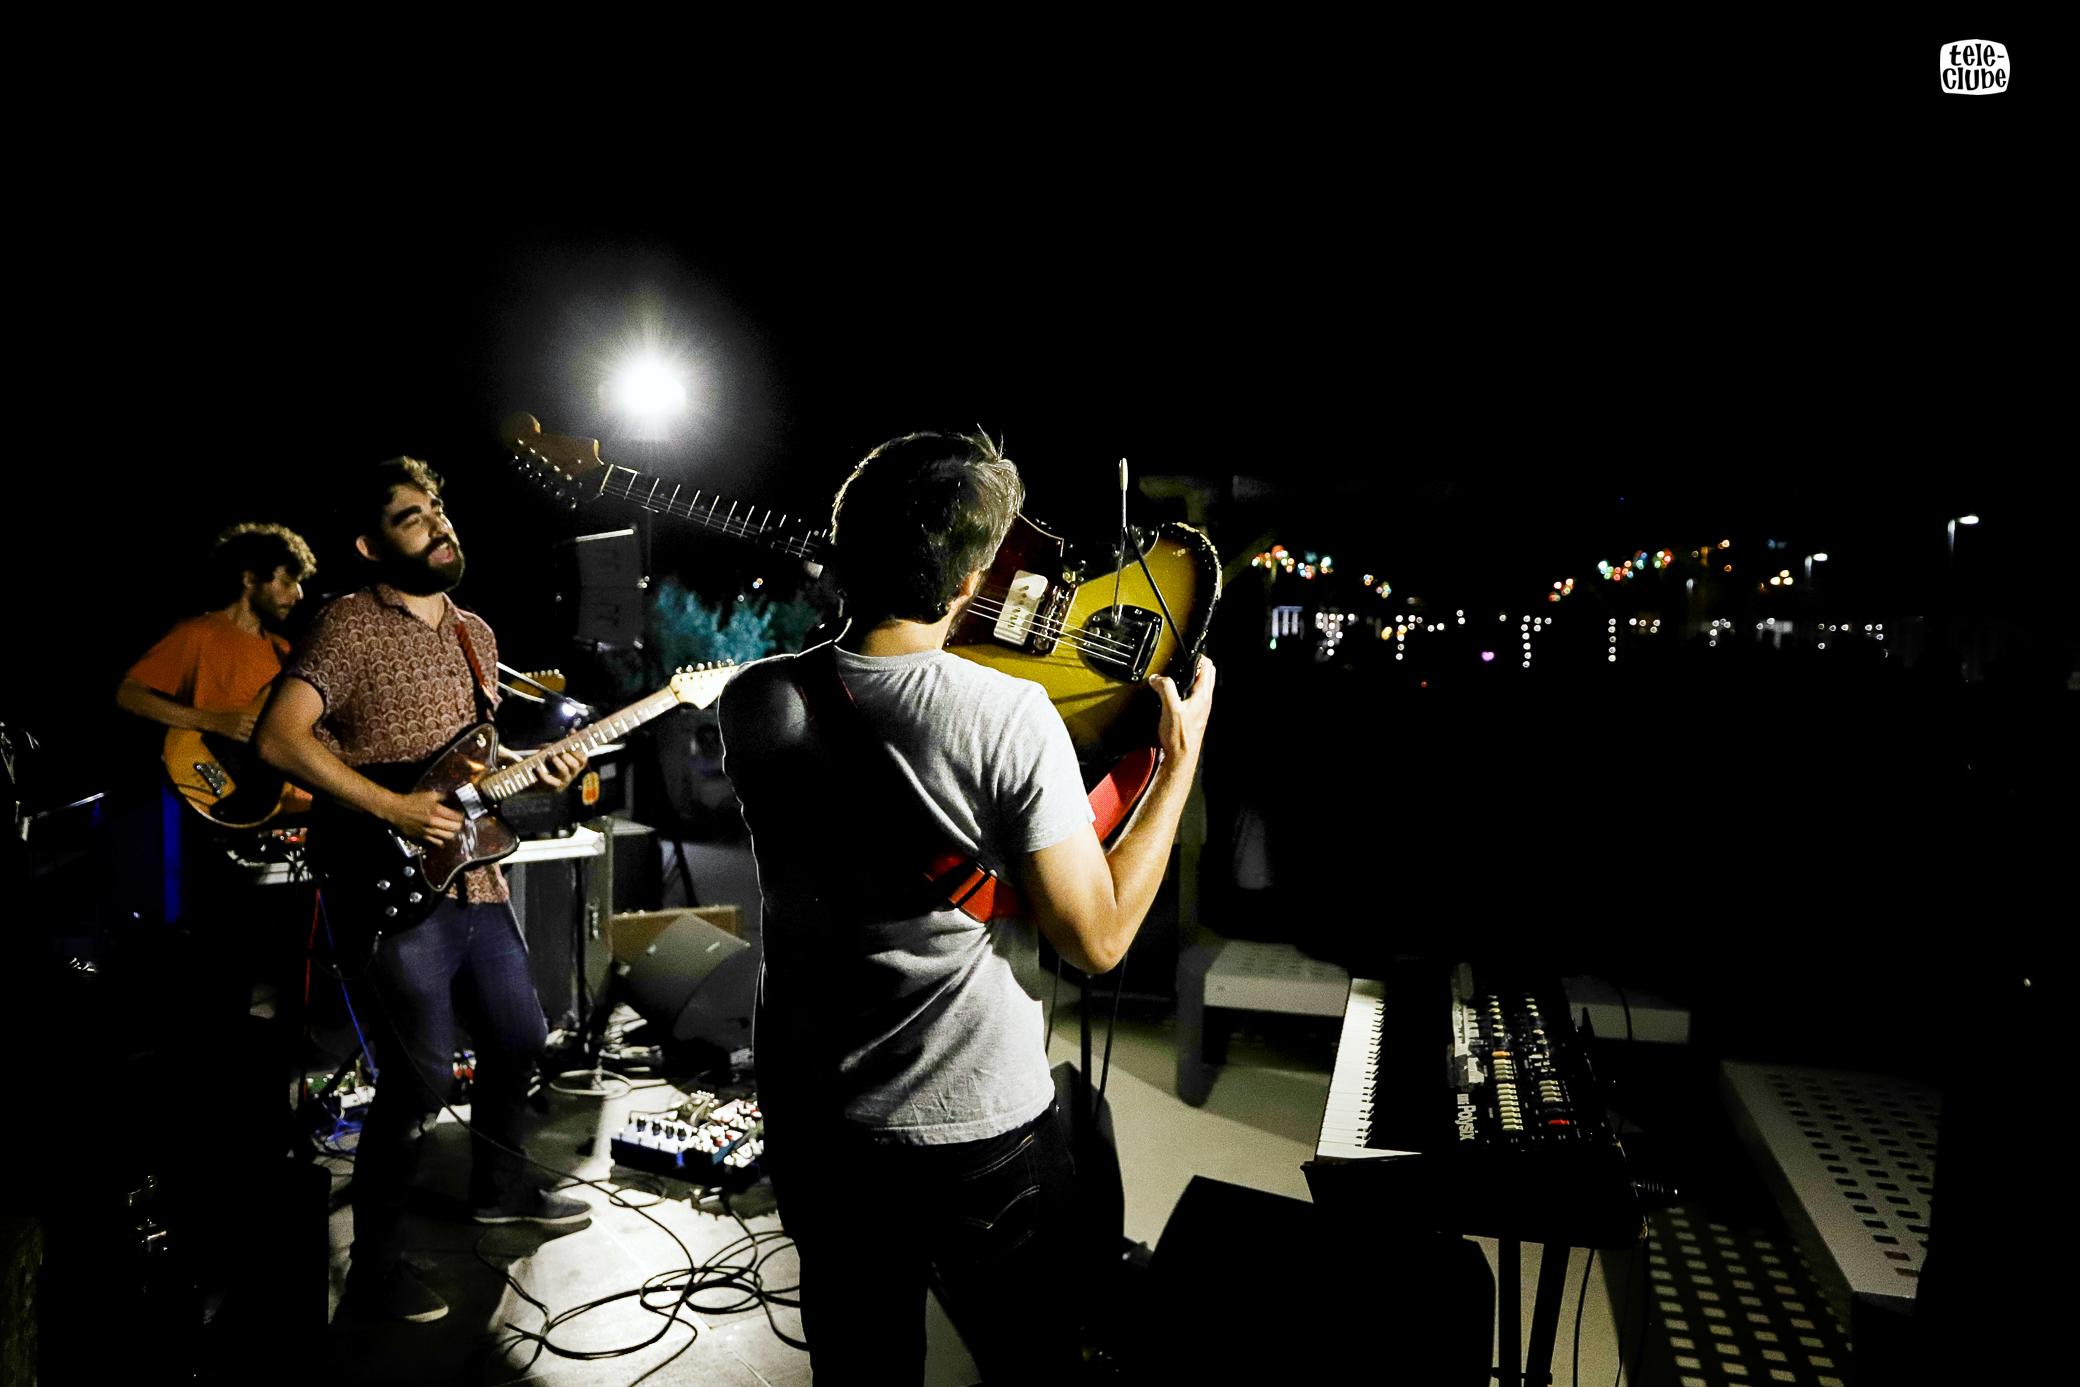 Setembro Tele Clube Lugo